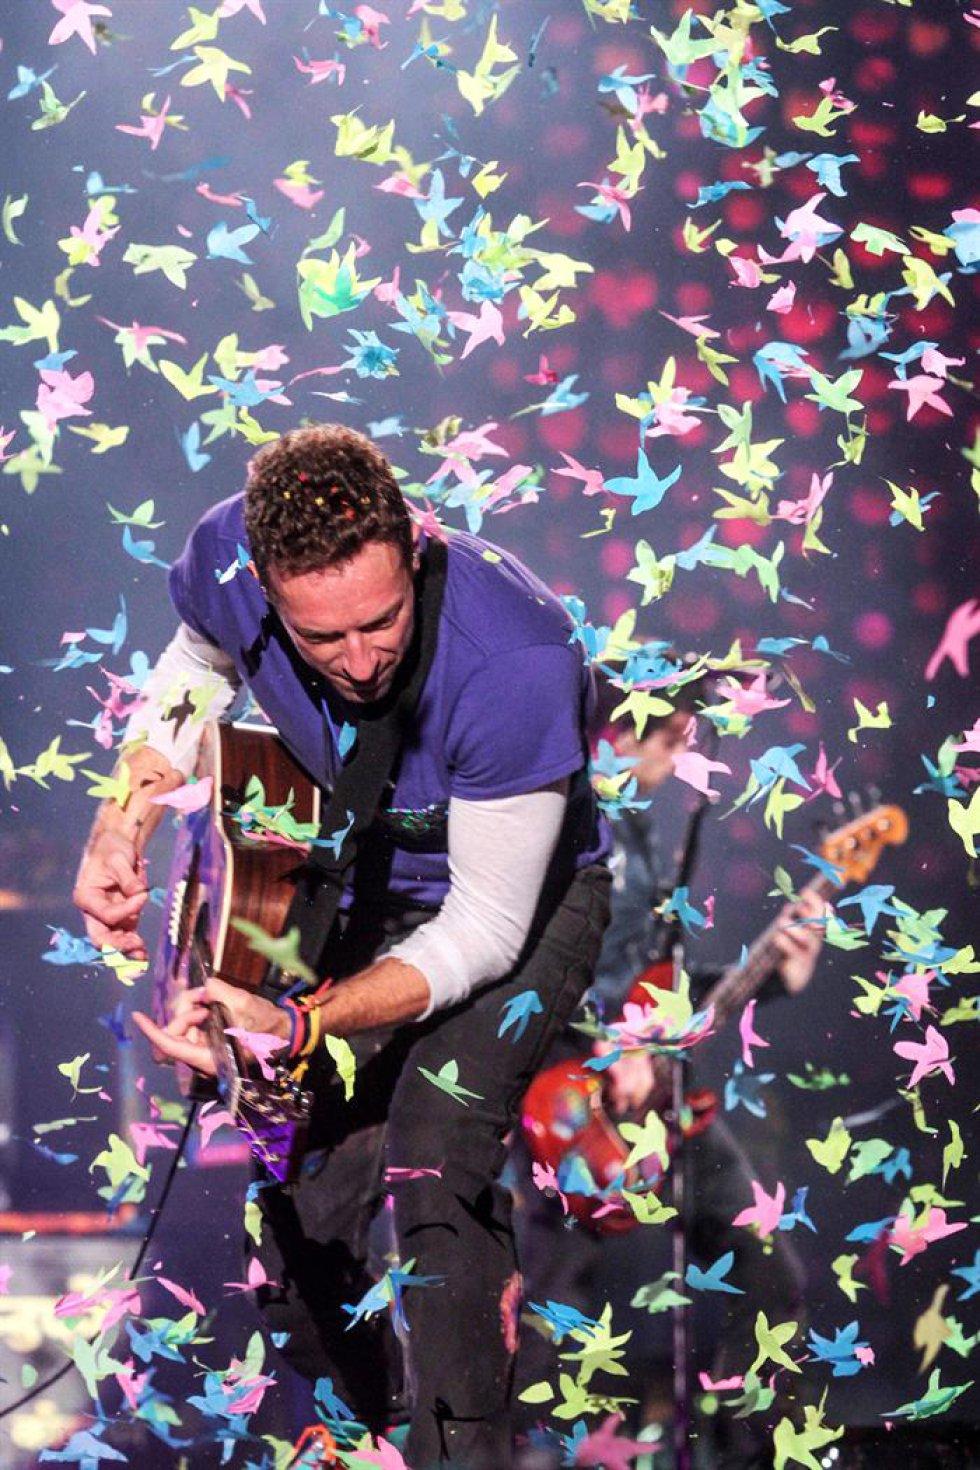 Las 'xylobands', brazaletes lumínicos controlados de manera remota que marcan el ritmo en algunas de la canciones más bailables de Coldplay, aportan de manera novedosa al show. La banda se presentará este miércoles 13 de abril a las 8:30 de la noche en el Estadio El Campín. Estarán acompañados por la santandereana Elsa y Elmar y la también británica Lianne La Havas.